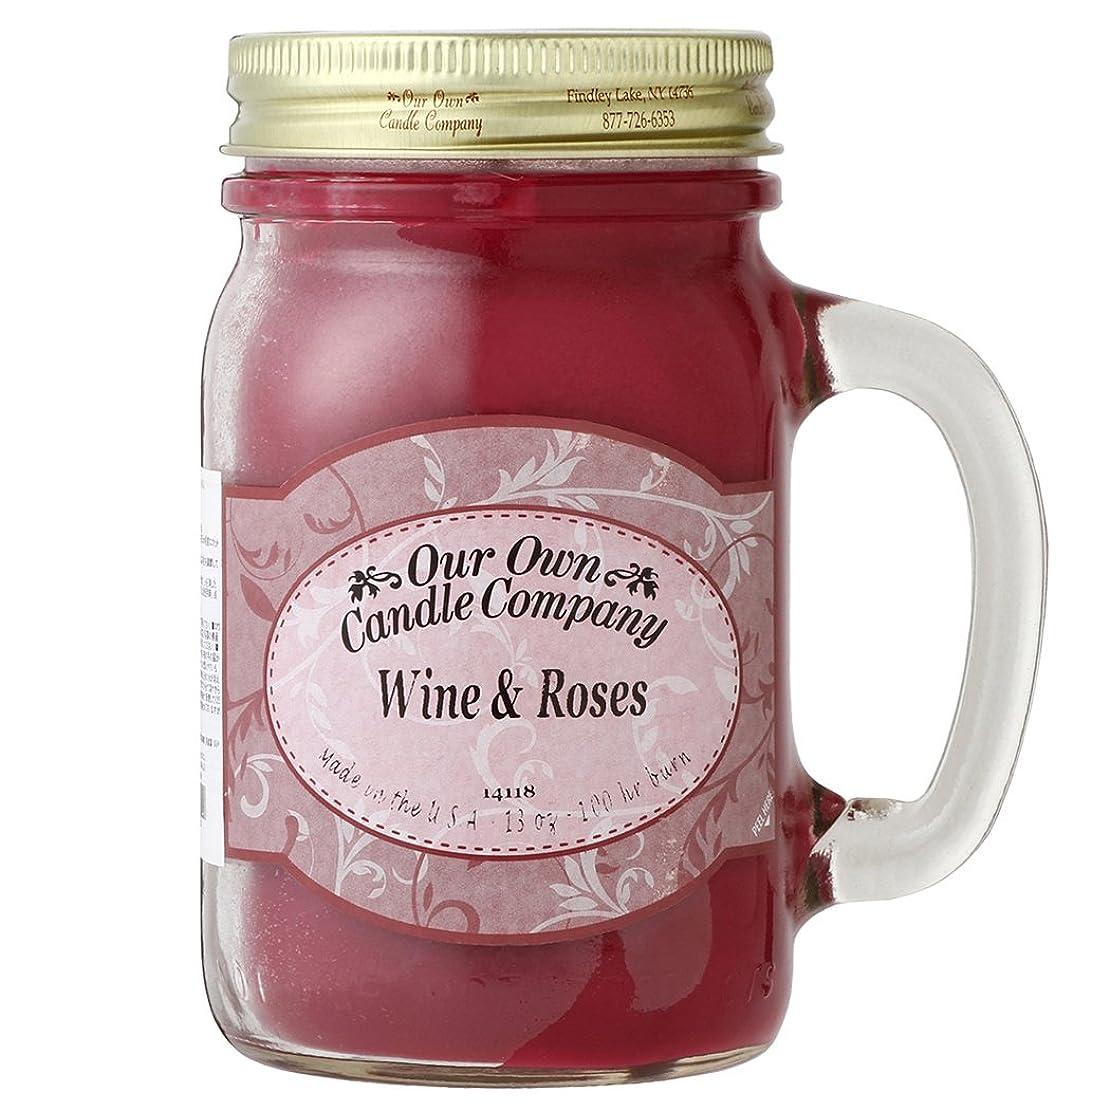 一杯自信がある宙返りOur Own Candle Company メイソンジャーキャンドル ラージサイズ ワイン&ローズ OU100129